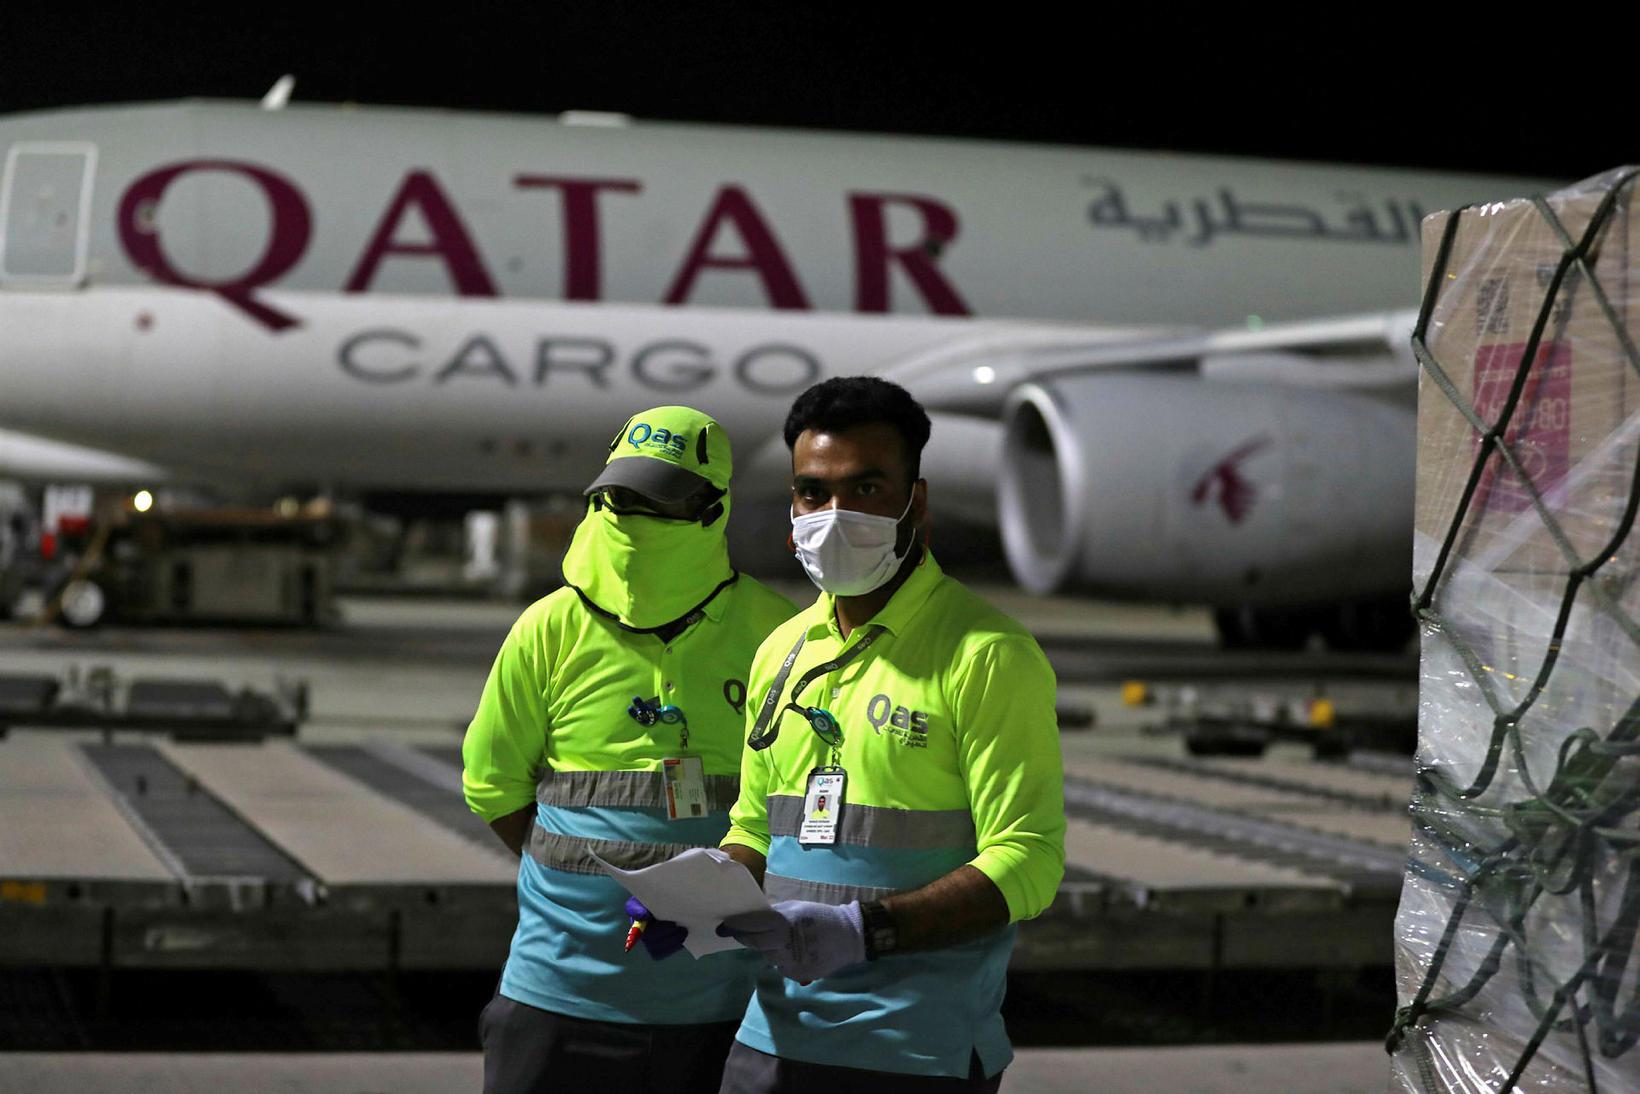 Qatar Airways hefur haldið áfram að fljúga til 30 áfangastaða …